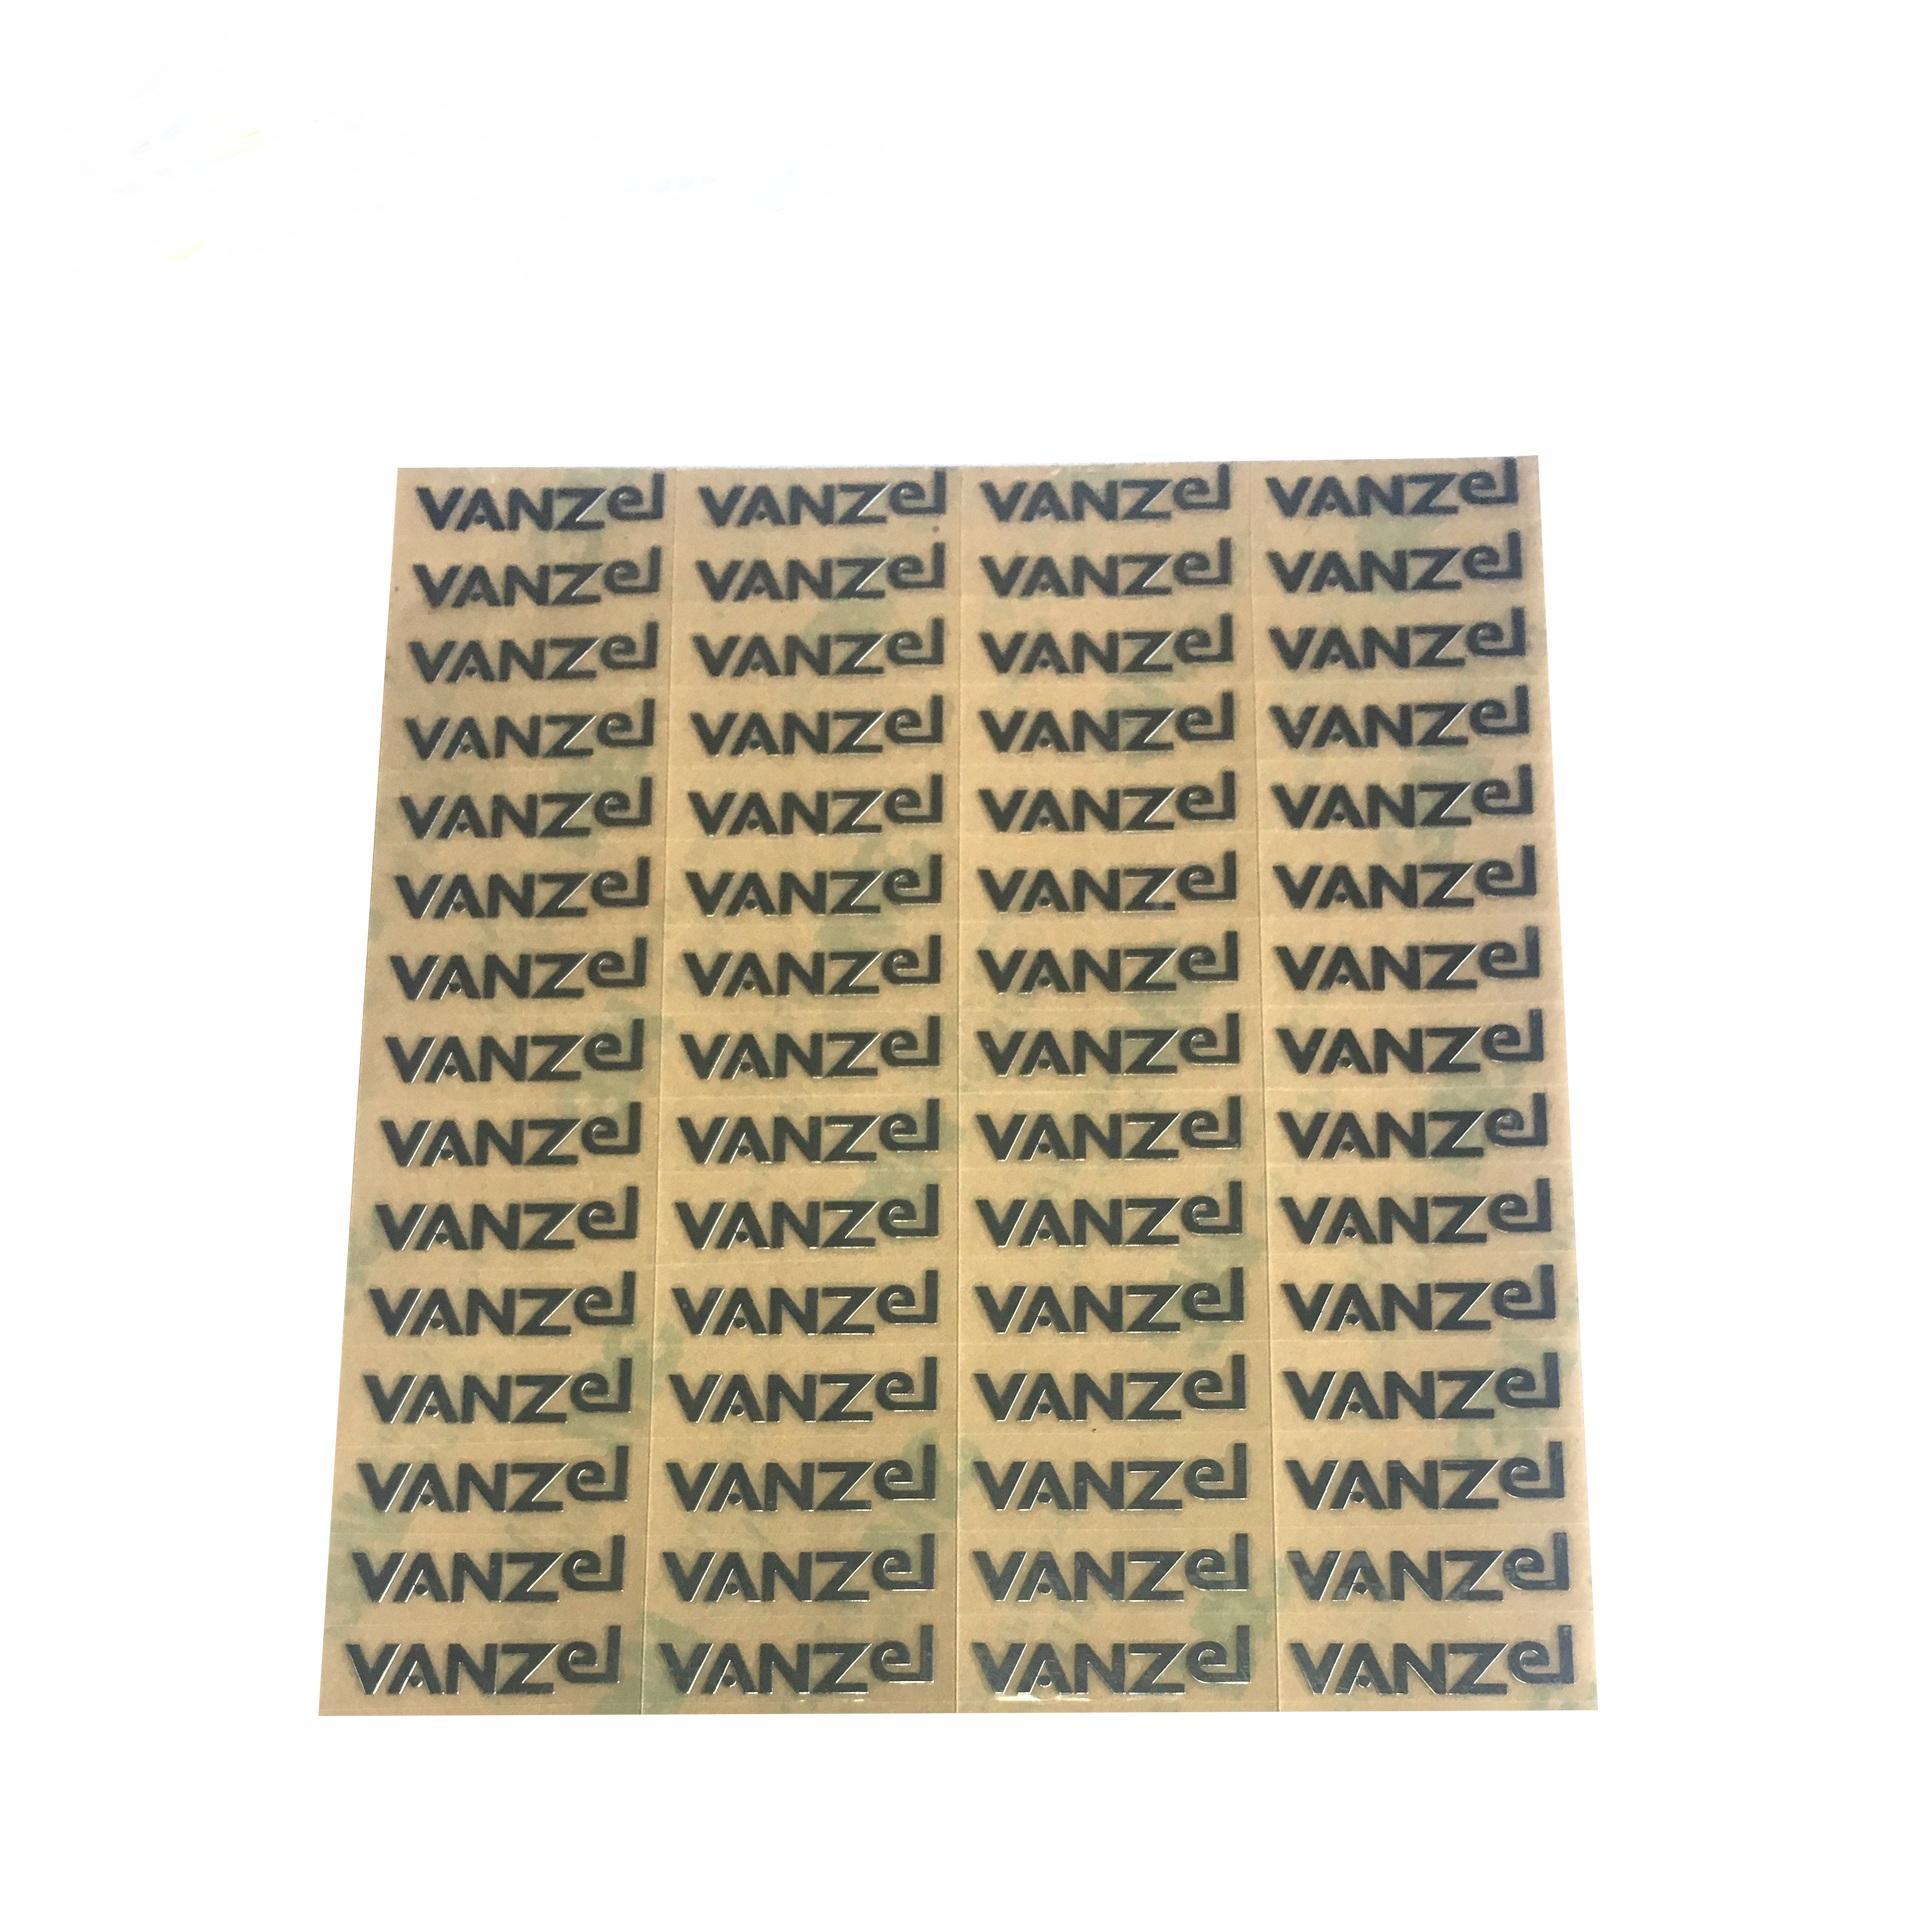 Профессиональные часы наклейки для вахты индивидуальные логотипа металлические электроформованные фольги 3M самоклеящийся наклейка этикетки